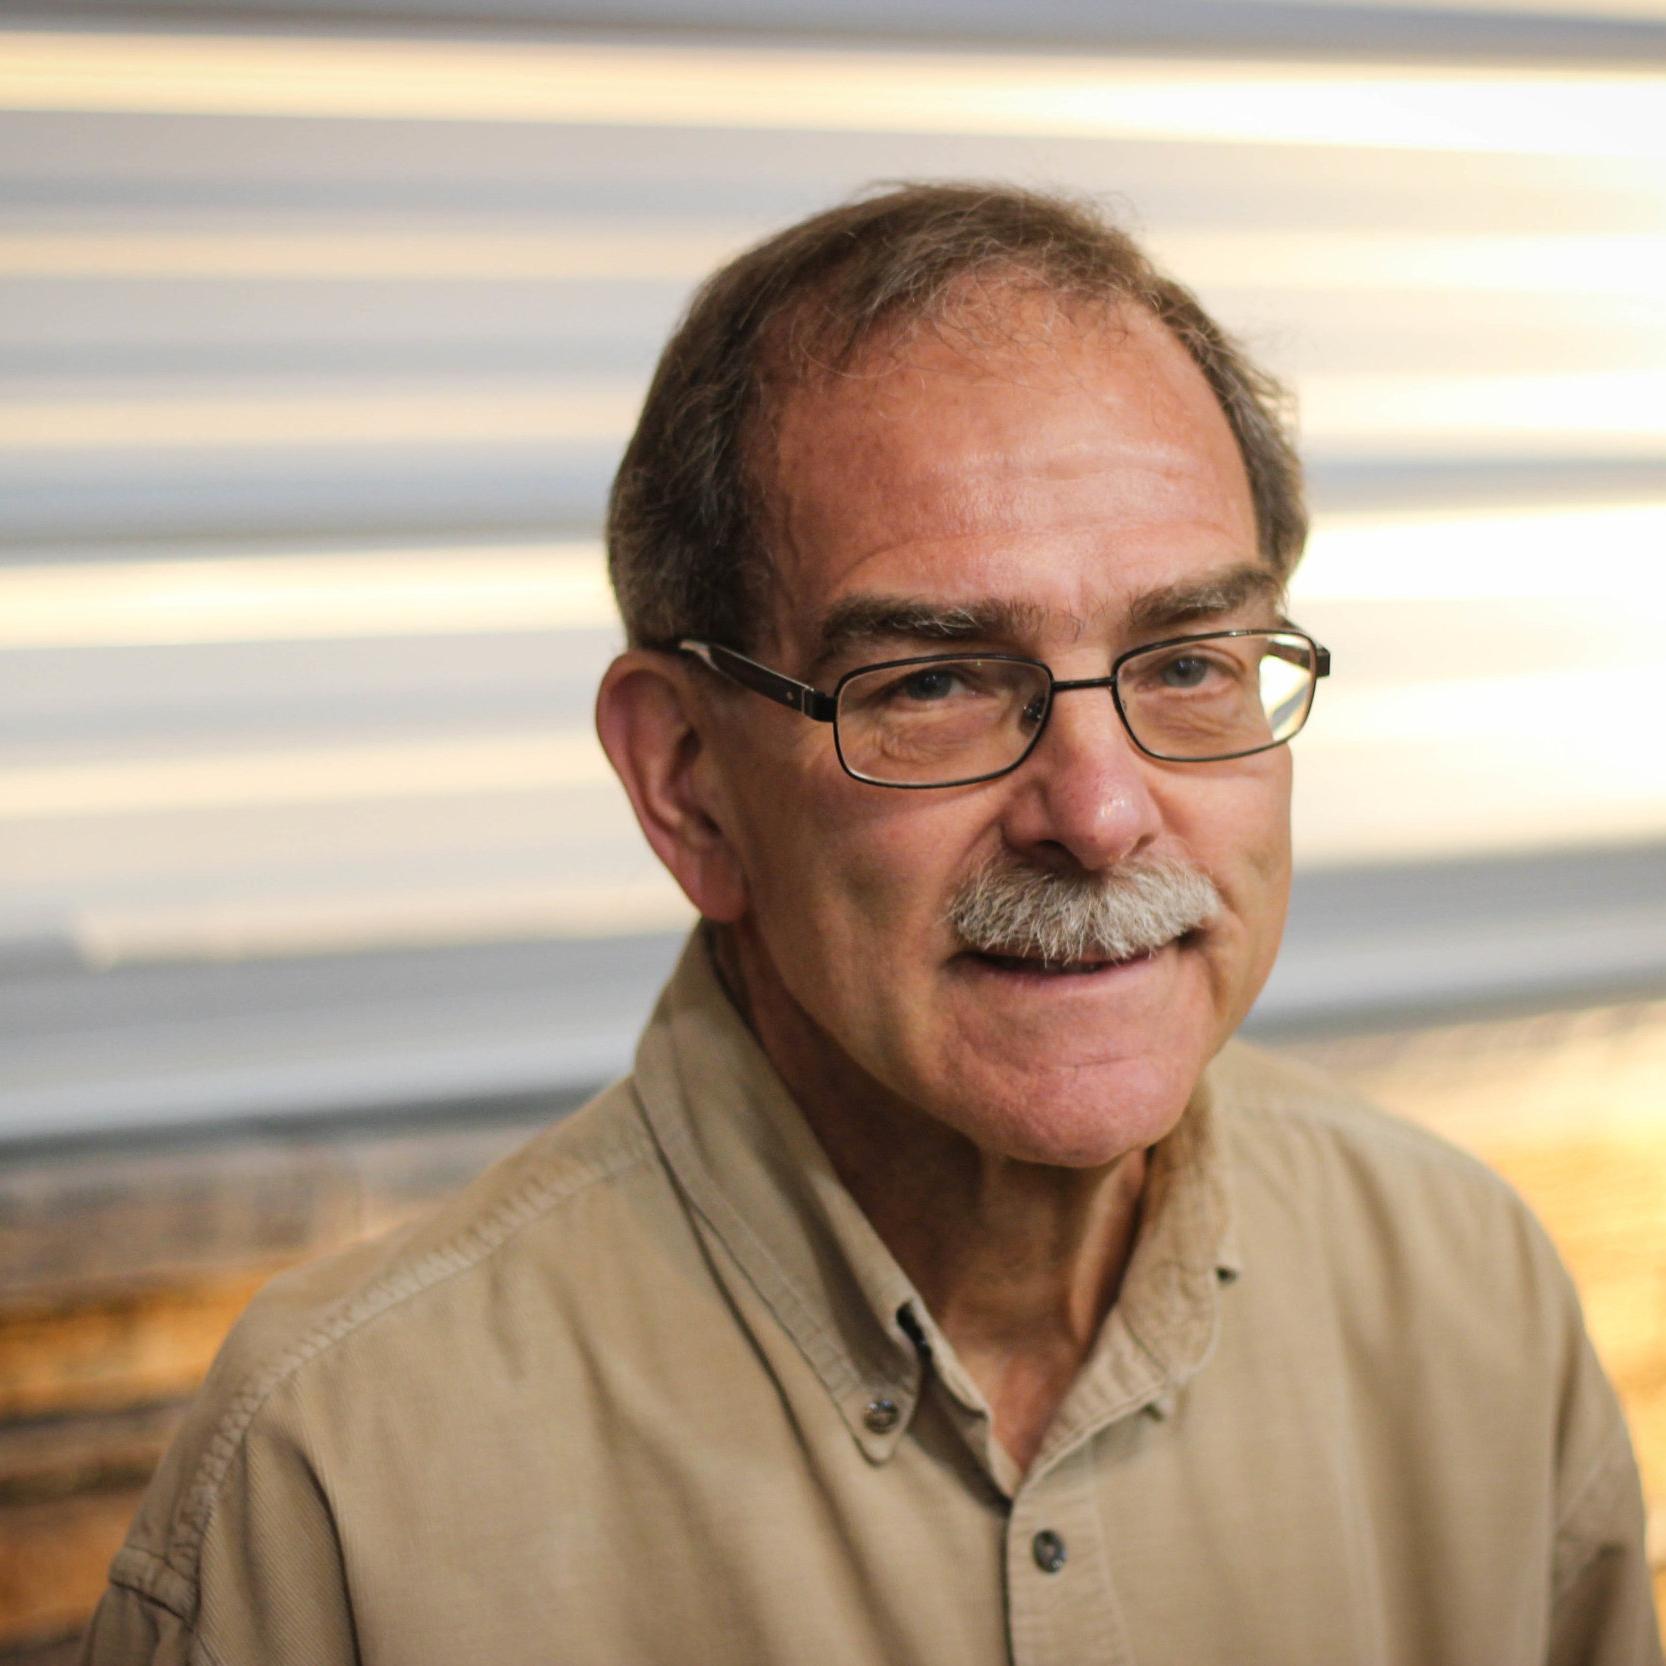 Steve Leinbach